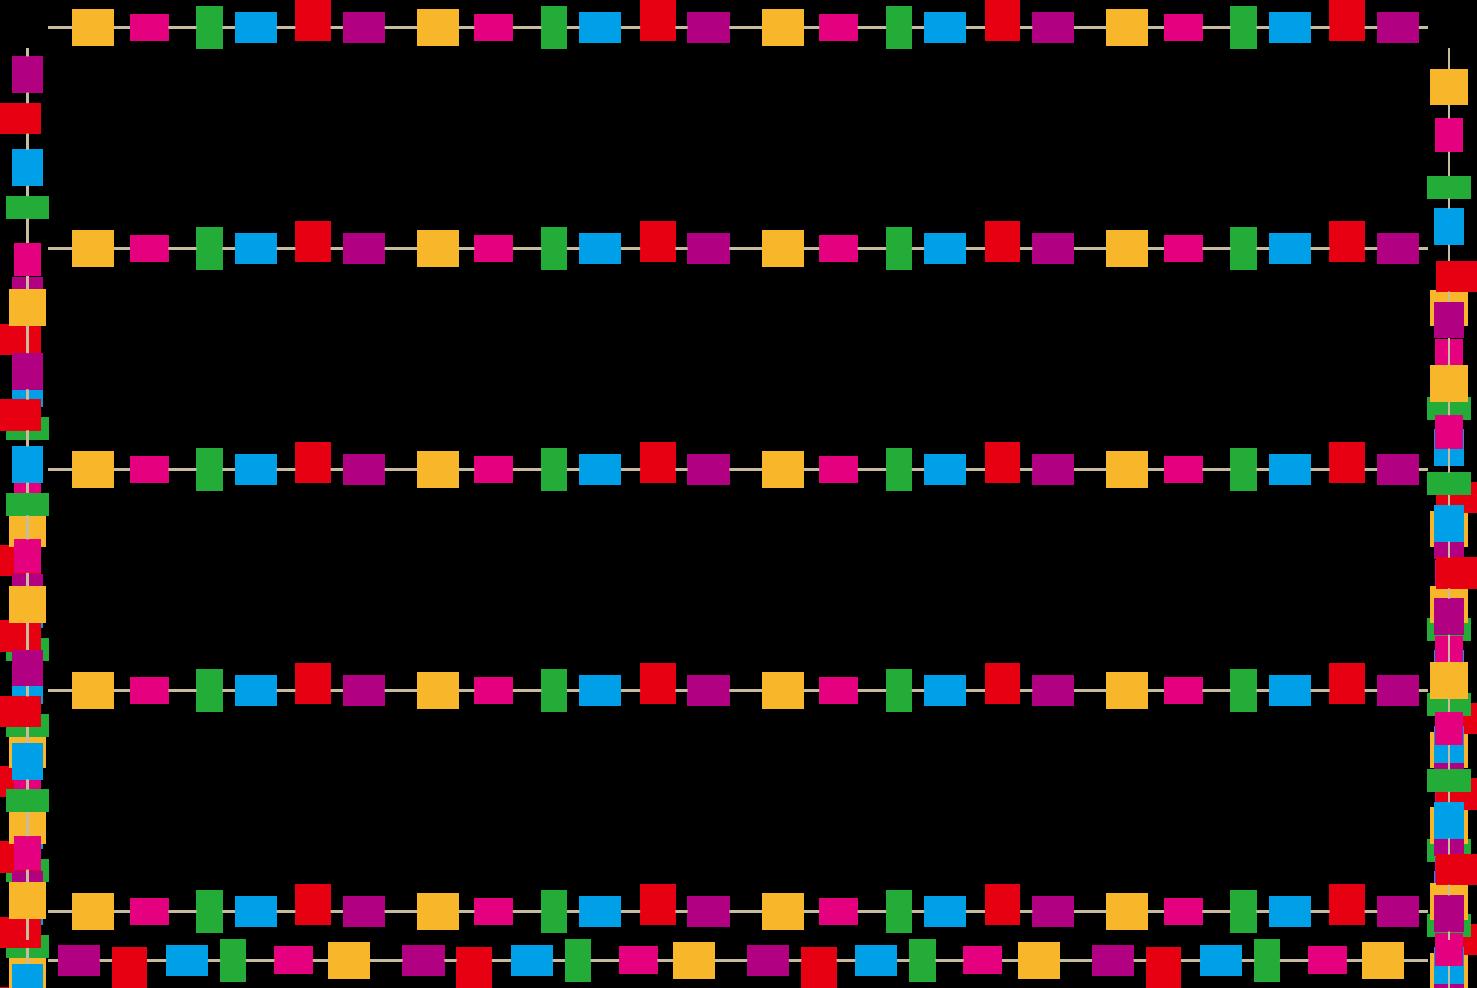 イラスト枠・飾り線・無料イラスト素材